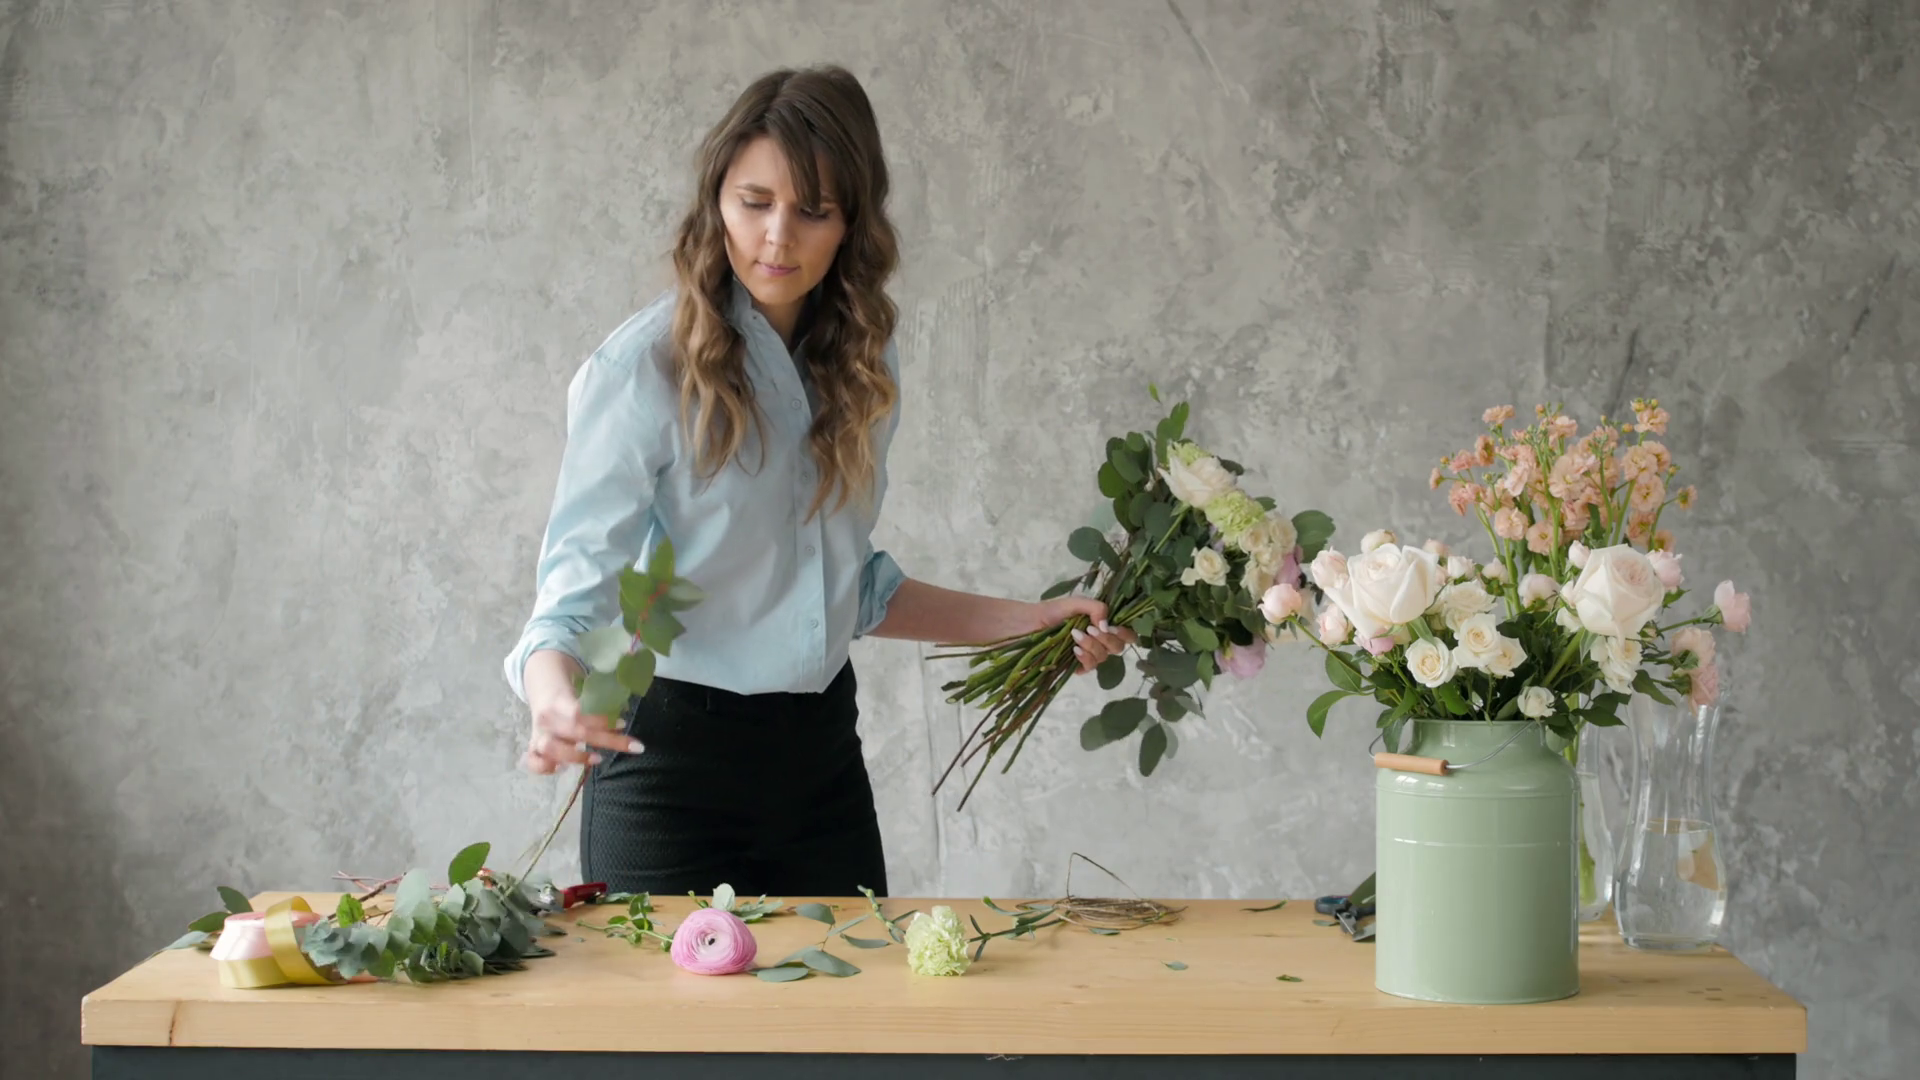 Pot De Fleur Haut Pas Cher ▷ classement & guide d'achat : top pots de fleurs en avr. 2020